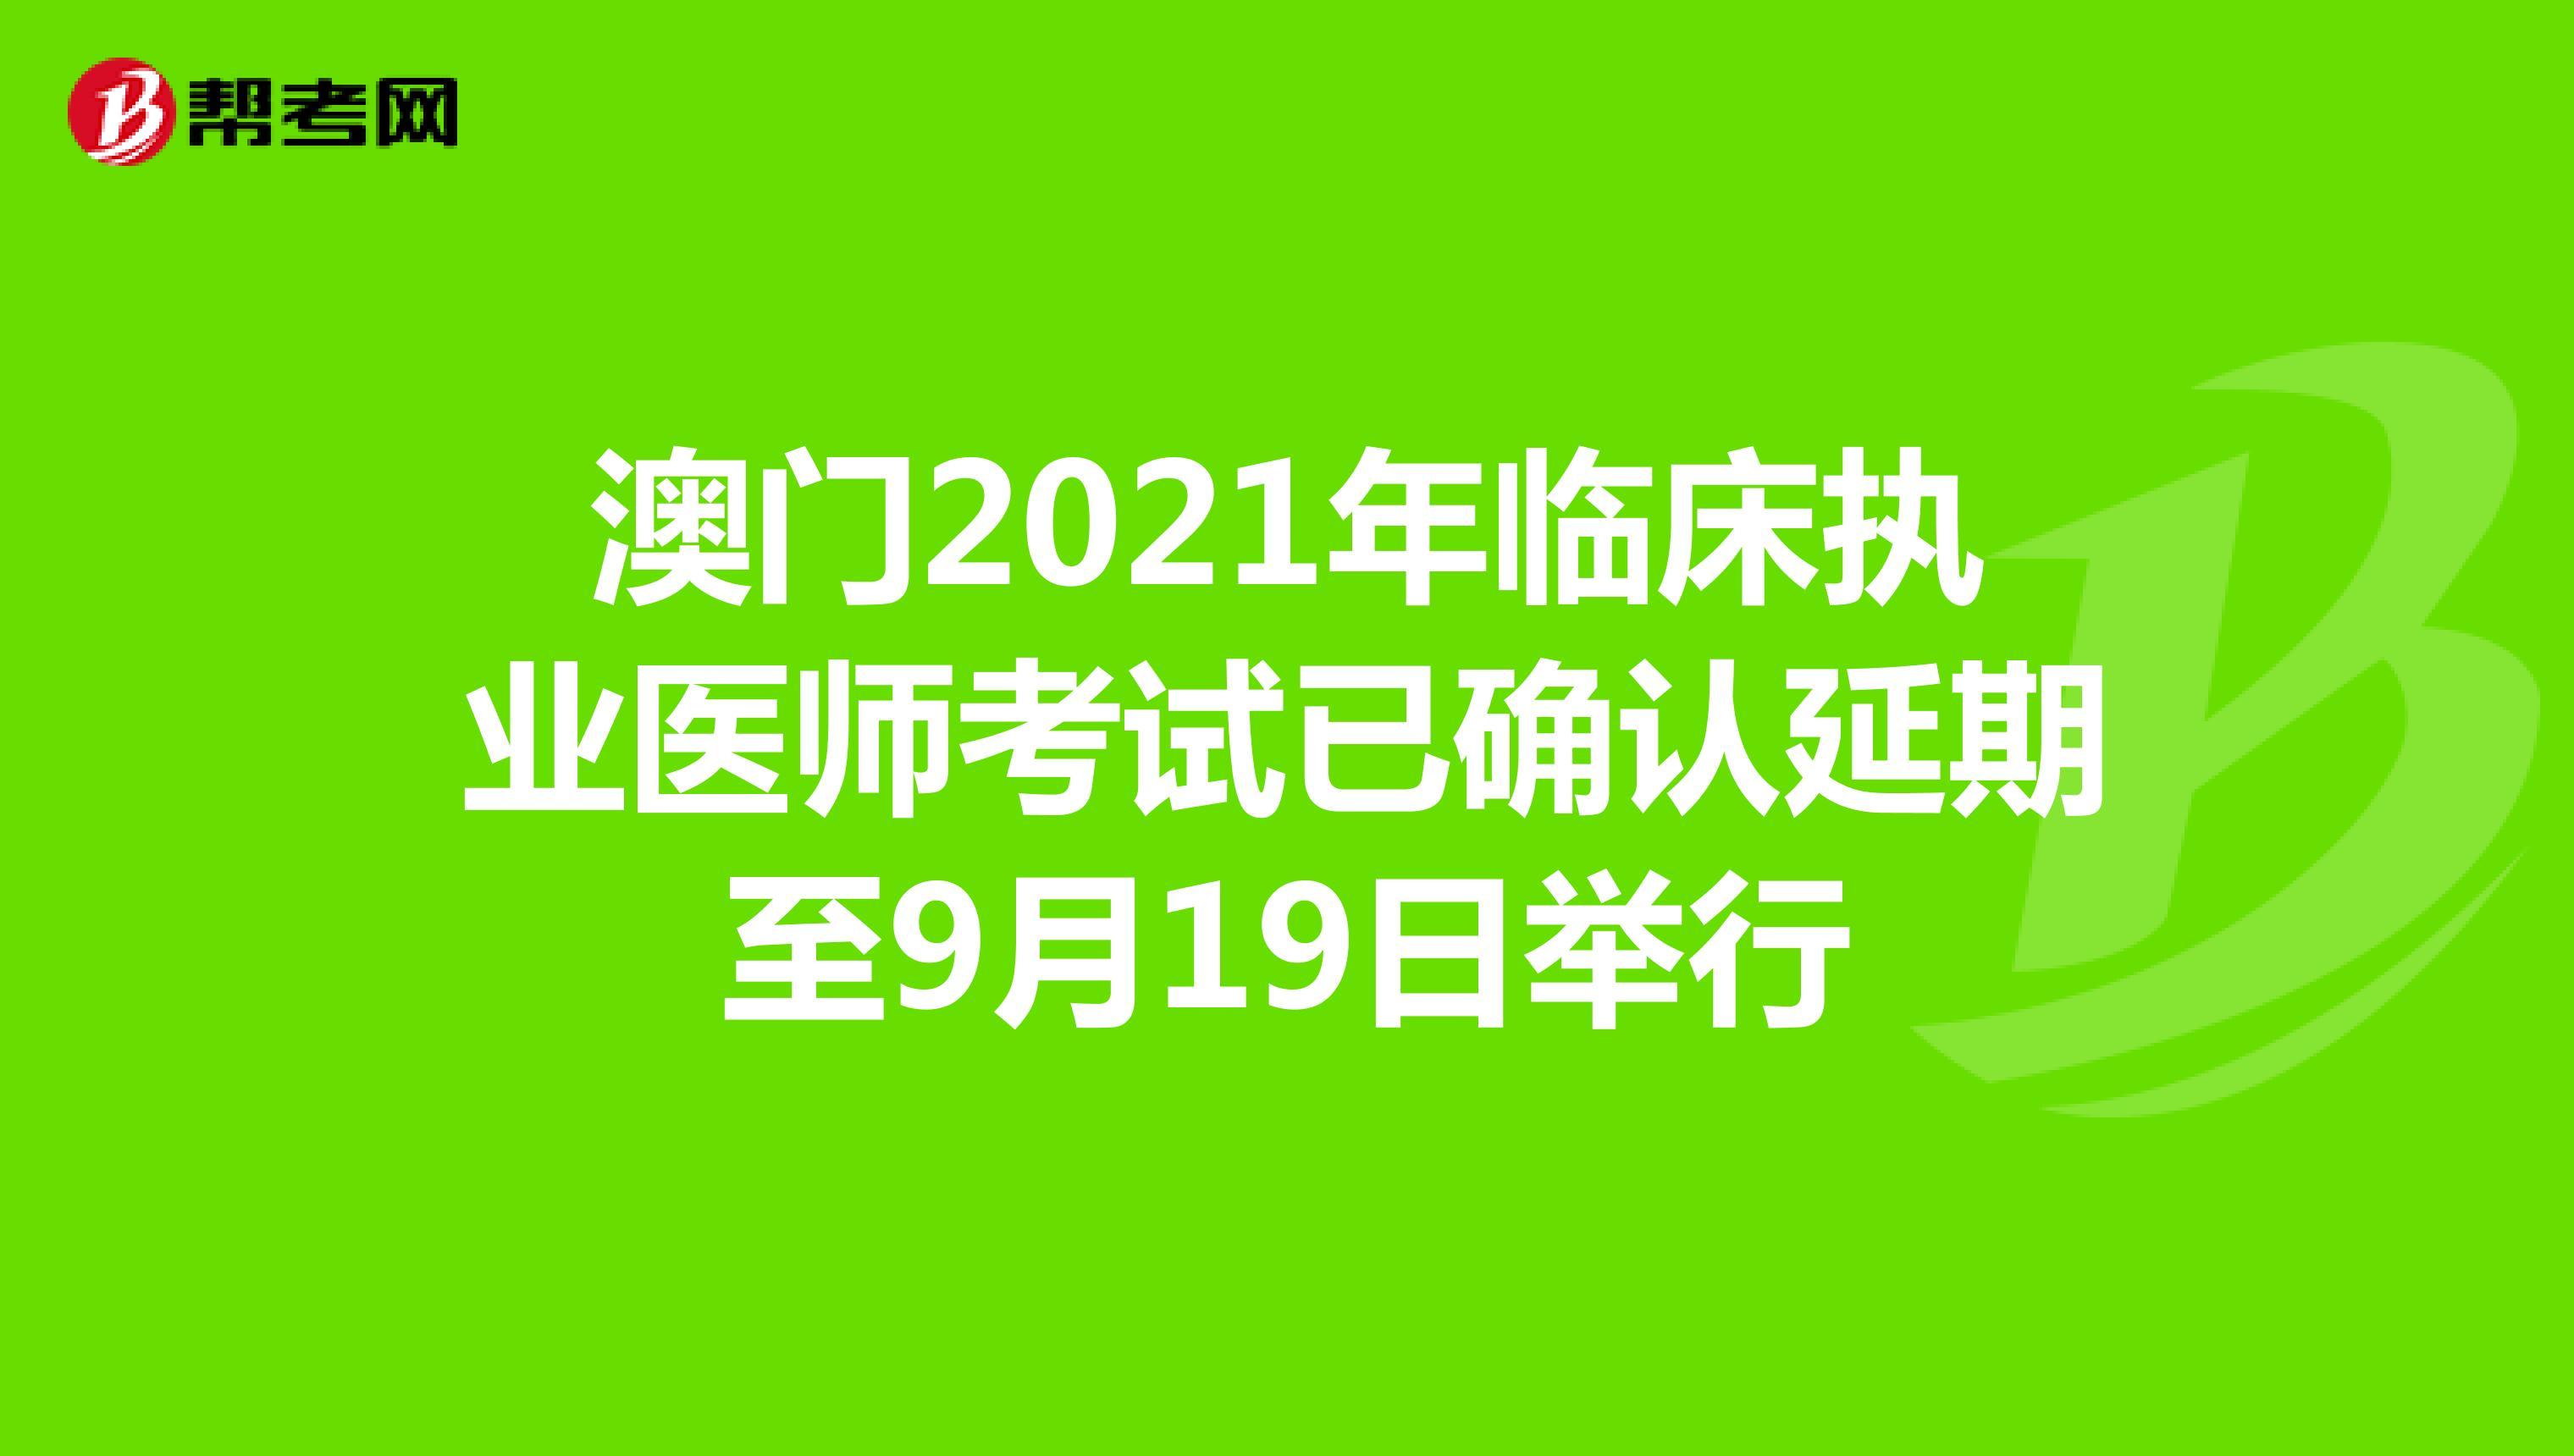 澳门2021年临床执业医师考试已确认延期至9月19日举行